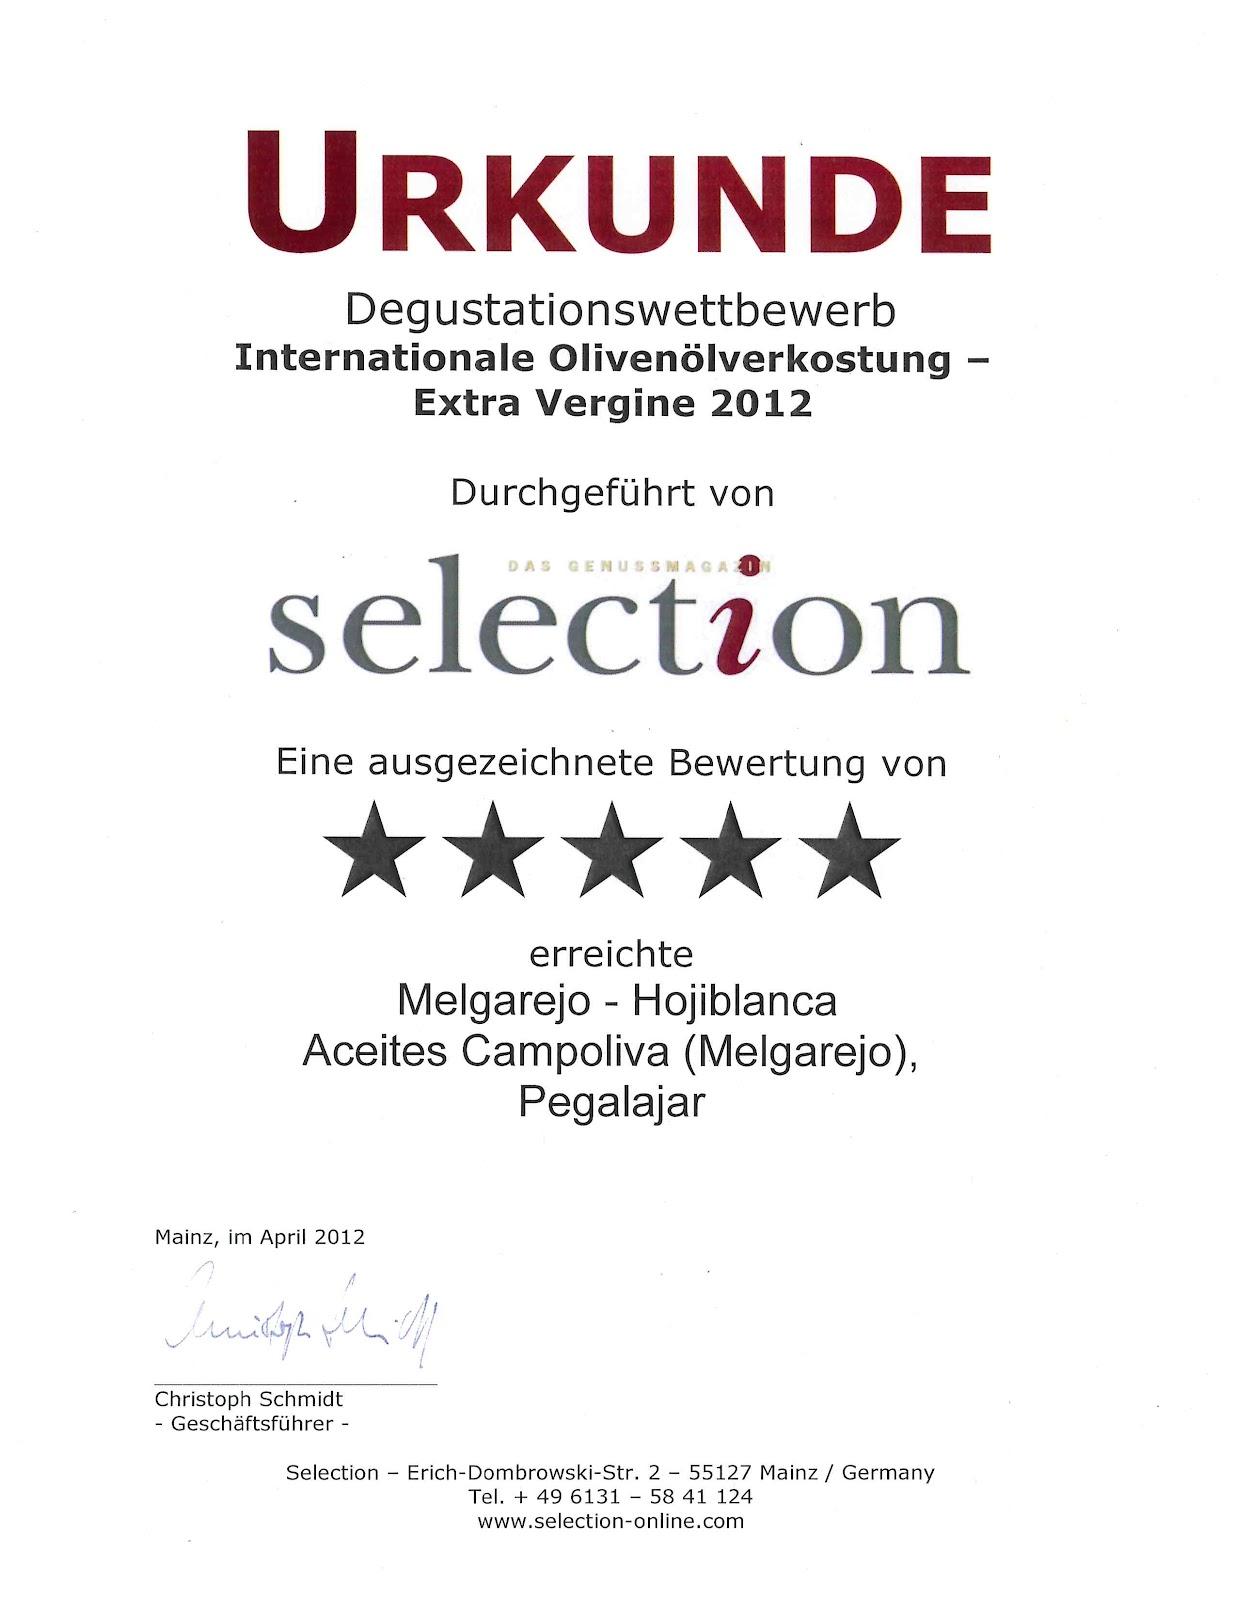 melgarejo-hojiblanca-awards-page-2.jpg